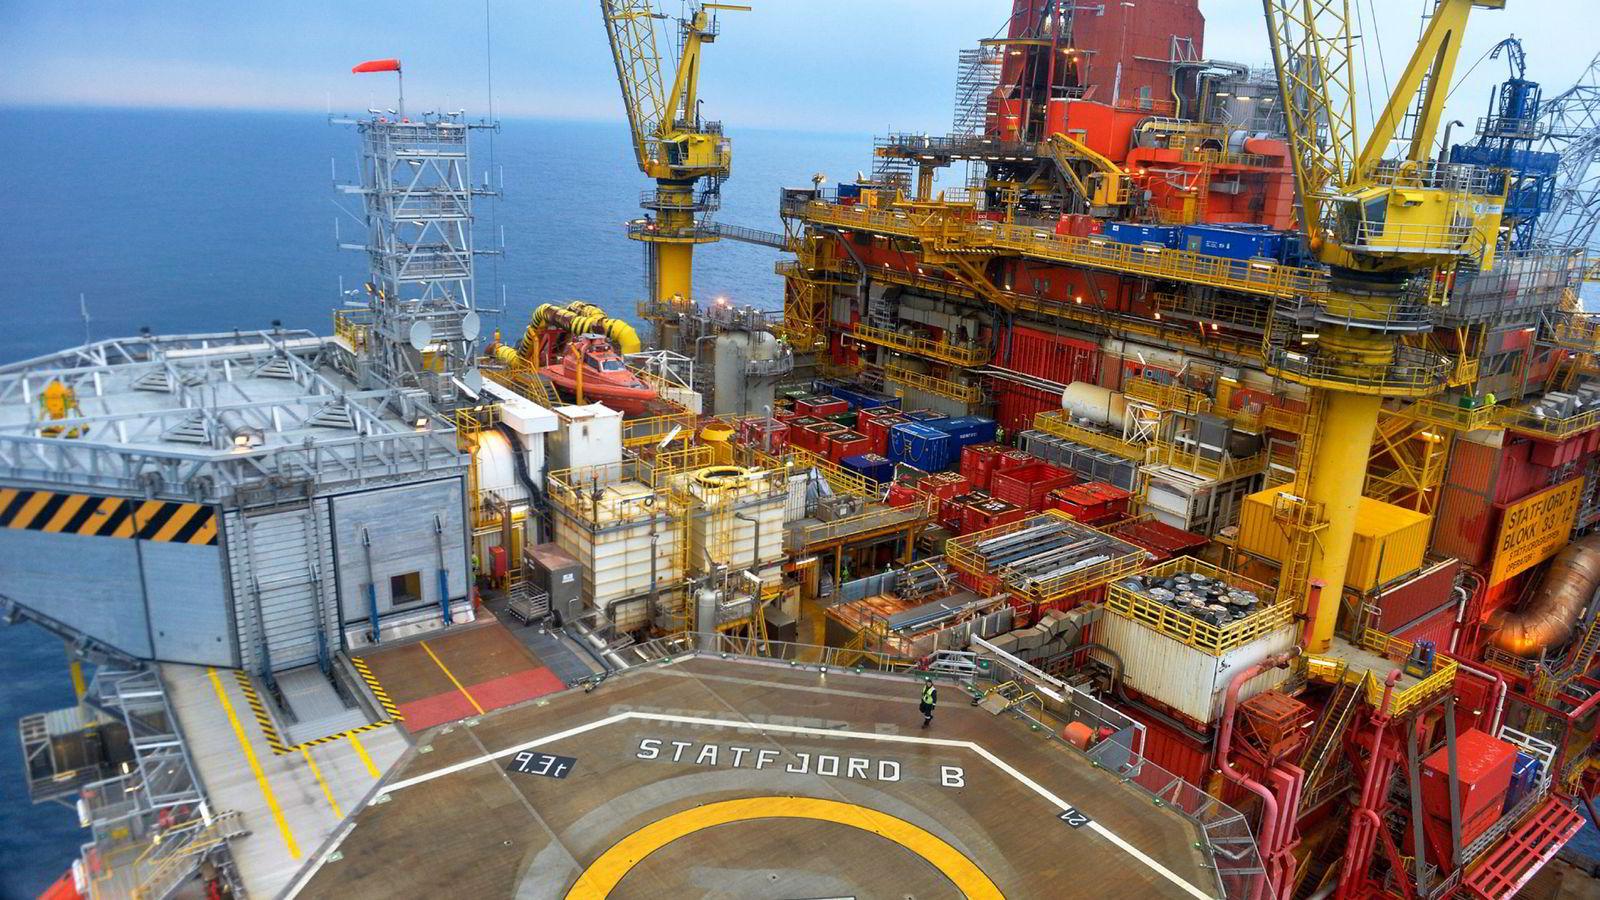 Statoil er Nordens suverent største selskap målt etter omsetning. Bildet viser Statfjord B-plattformen i Nordsjøen.